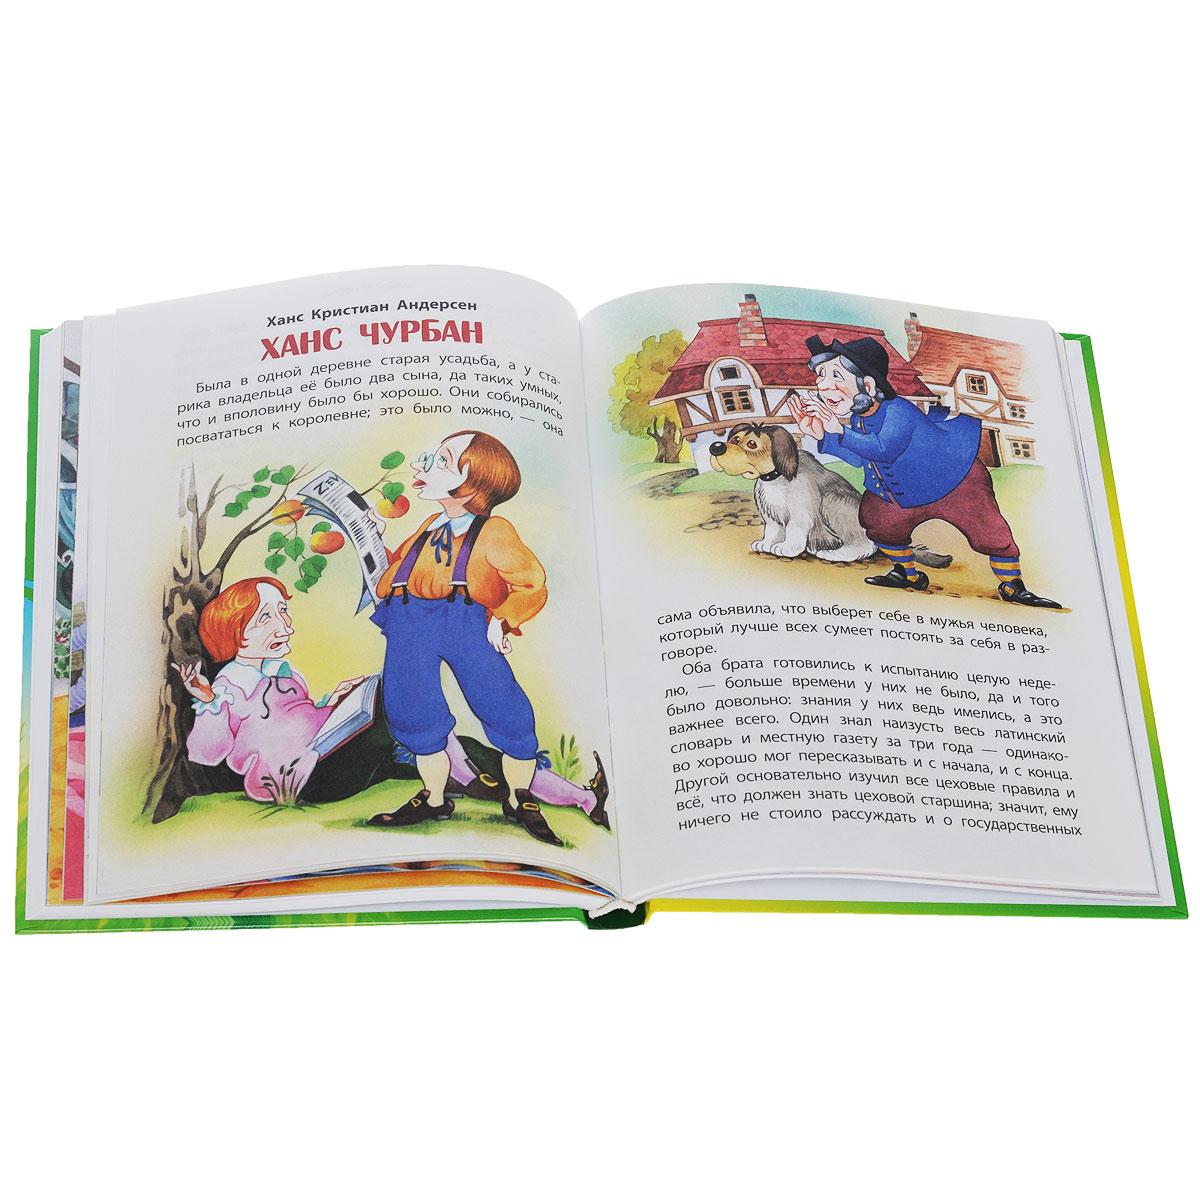 Лучшие волшебные сказки о веселых гномах, добрых феях, прекрасных принцессах и чудесах...